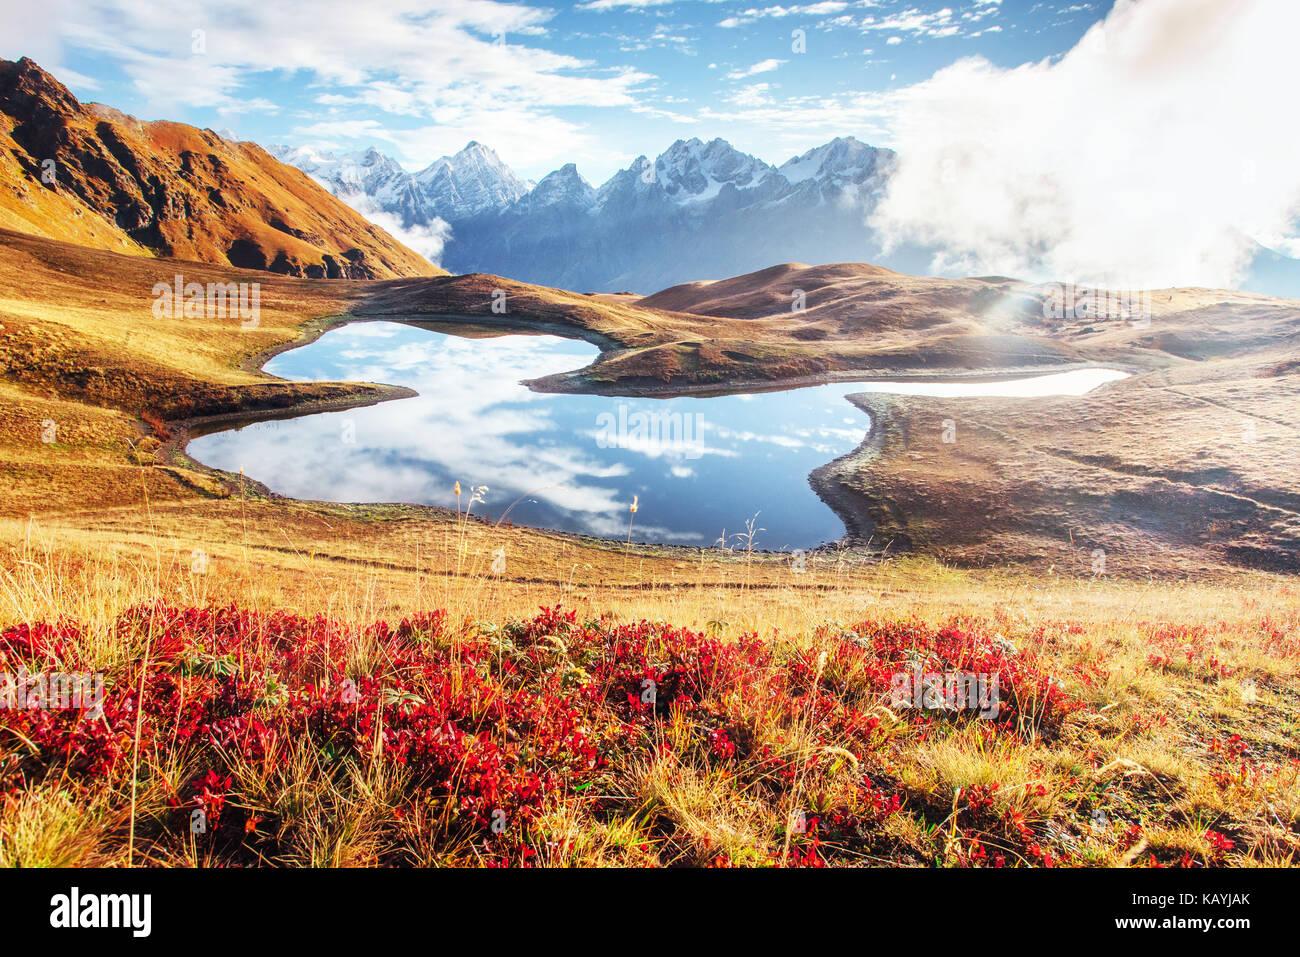 Sunset on mountain lake Koruldi. Upper Svaneti, Georgia, Caucasus mountains - Stock Image